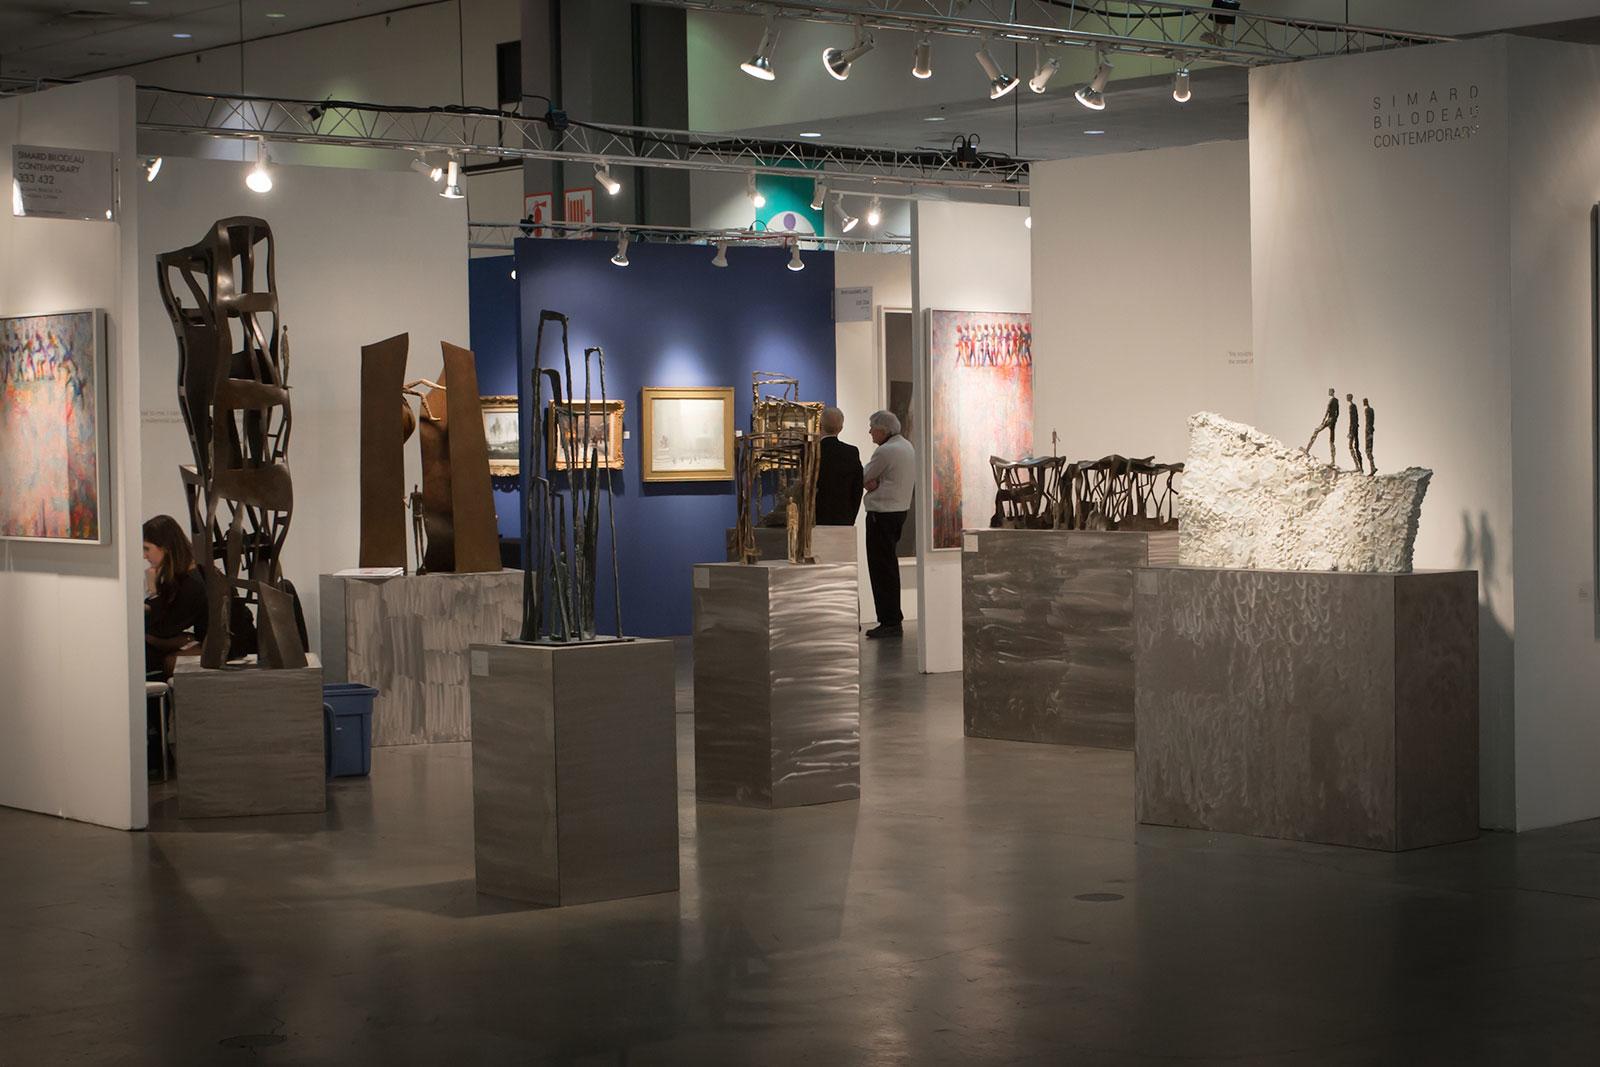 La sculpteure française Val - Valérie Goutard - avec Simard-Bilodeau Contemporary à la LA Art Show avec Sculptureval